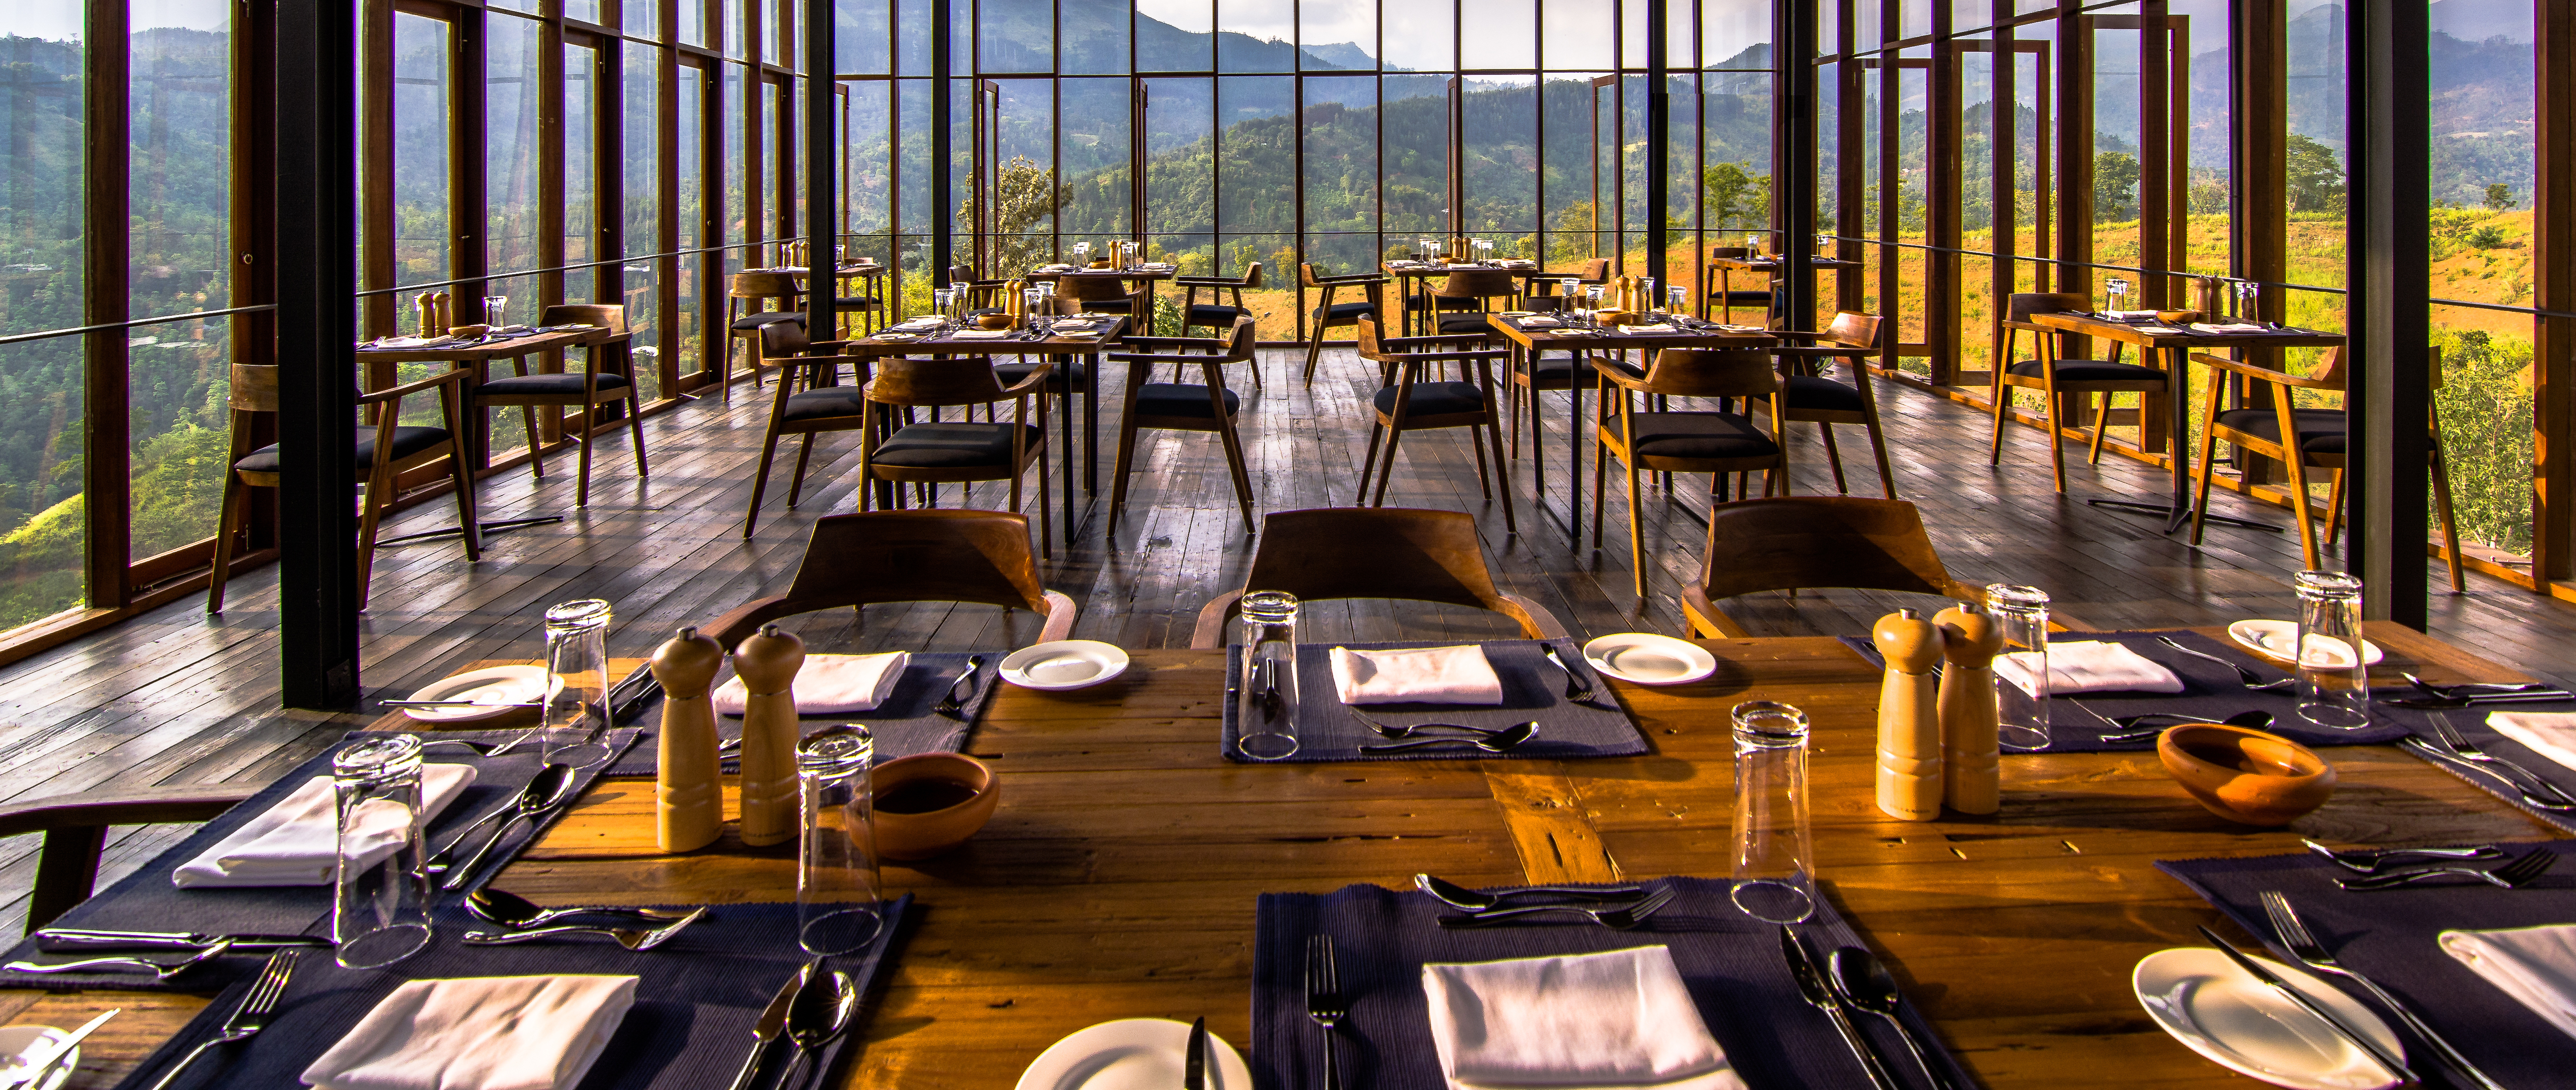 santani-restaurant